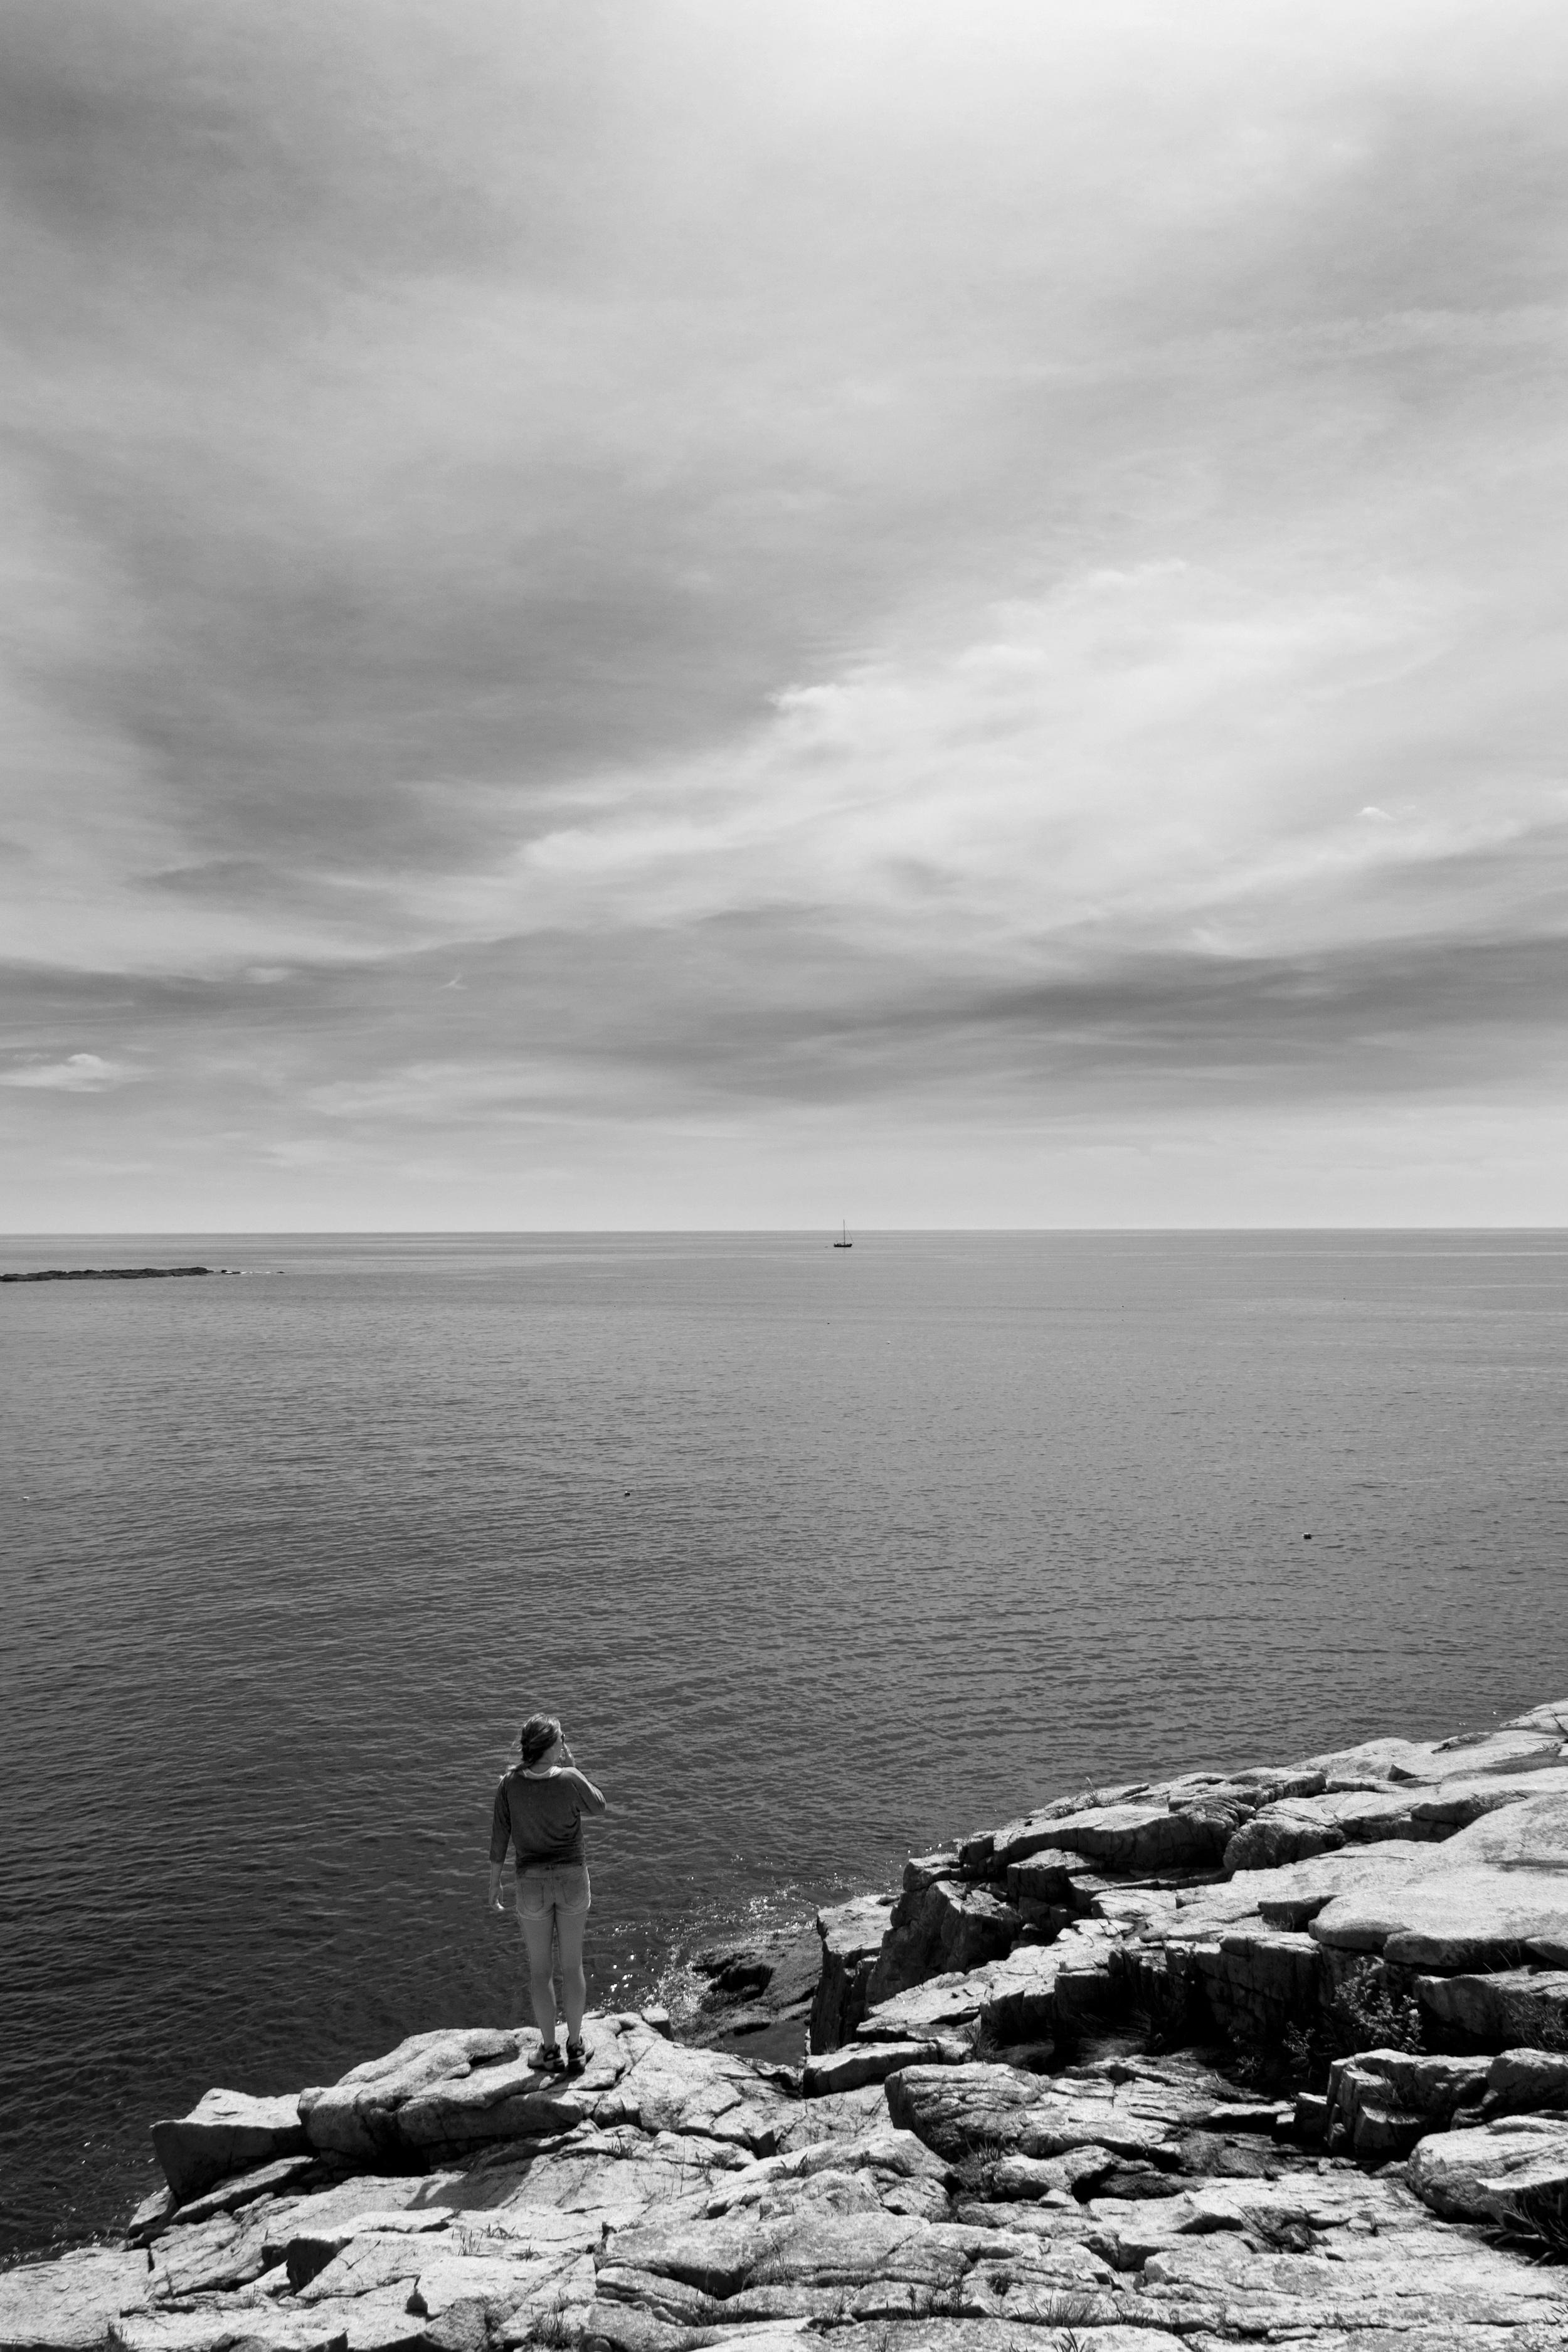 Rocky Coast - Acadia National Park